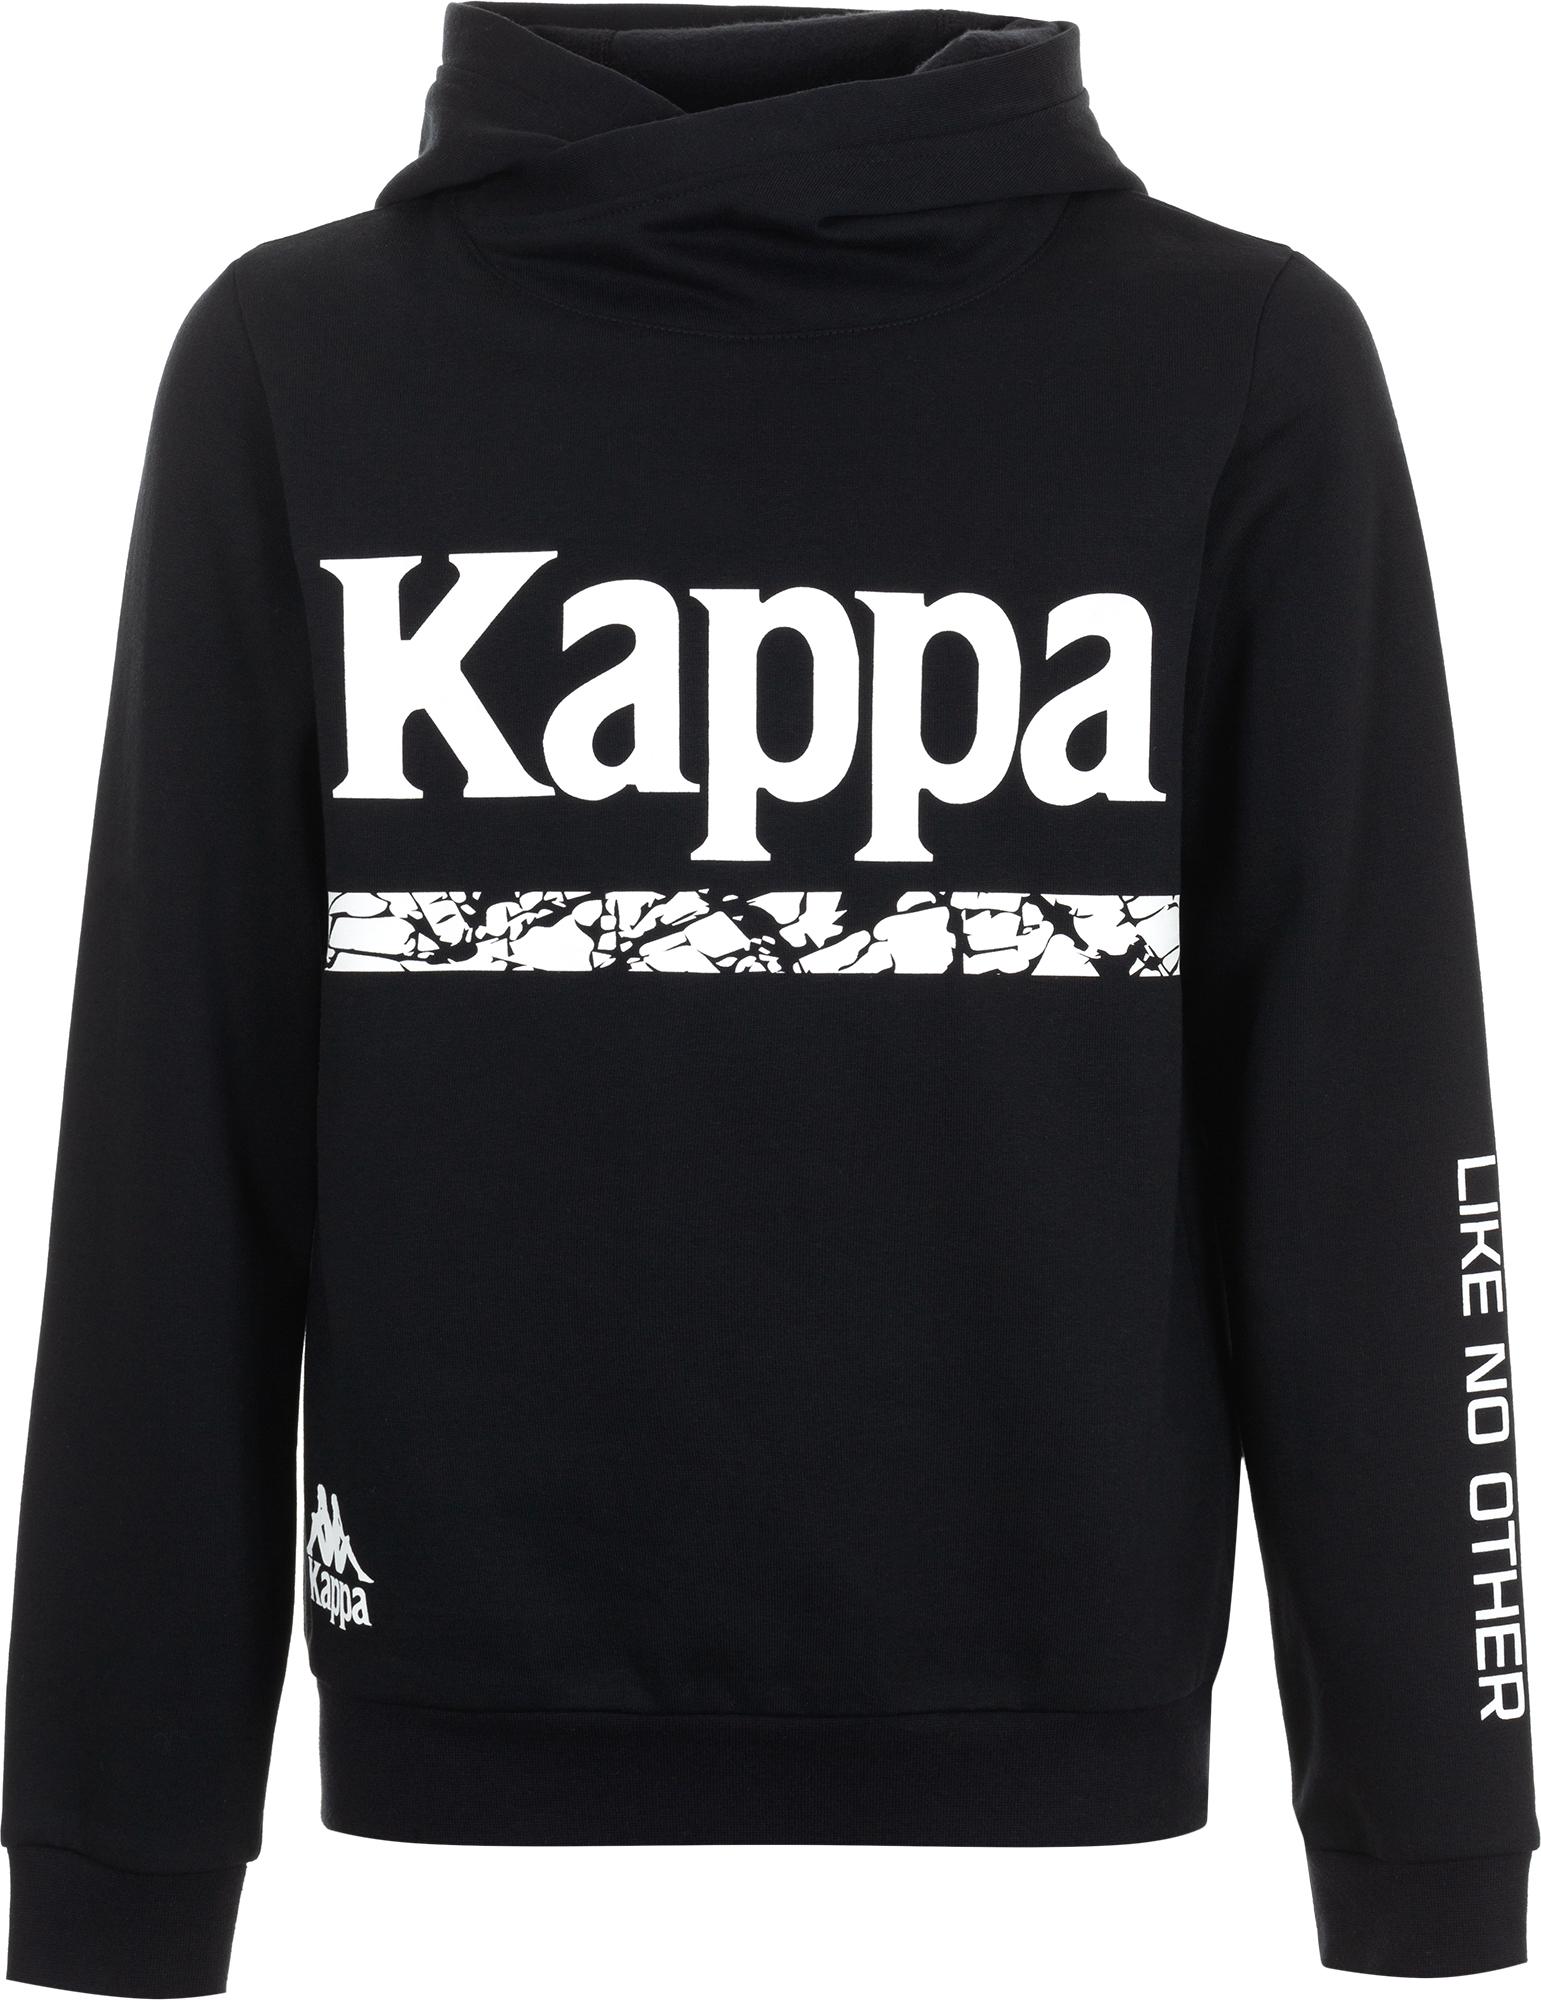 Kappa Джемпер для мальчиков Kappa, размер 176 стоимость